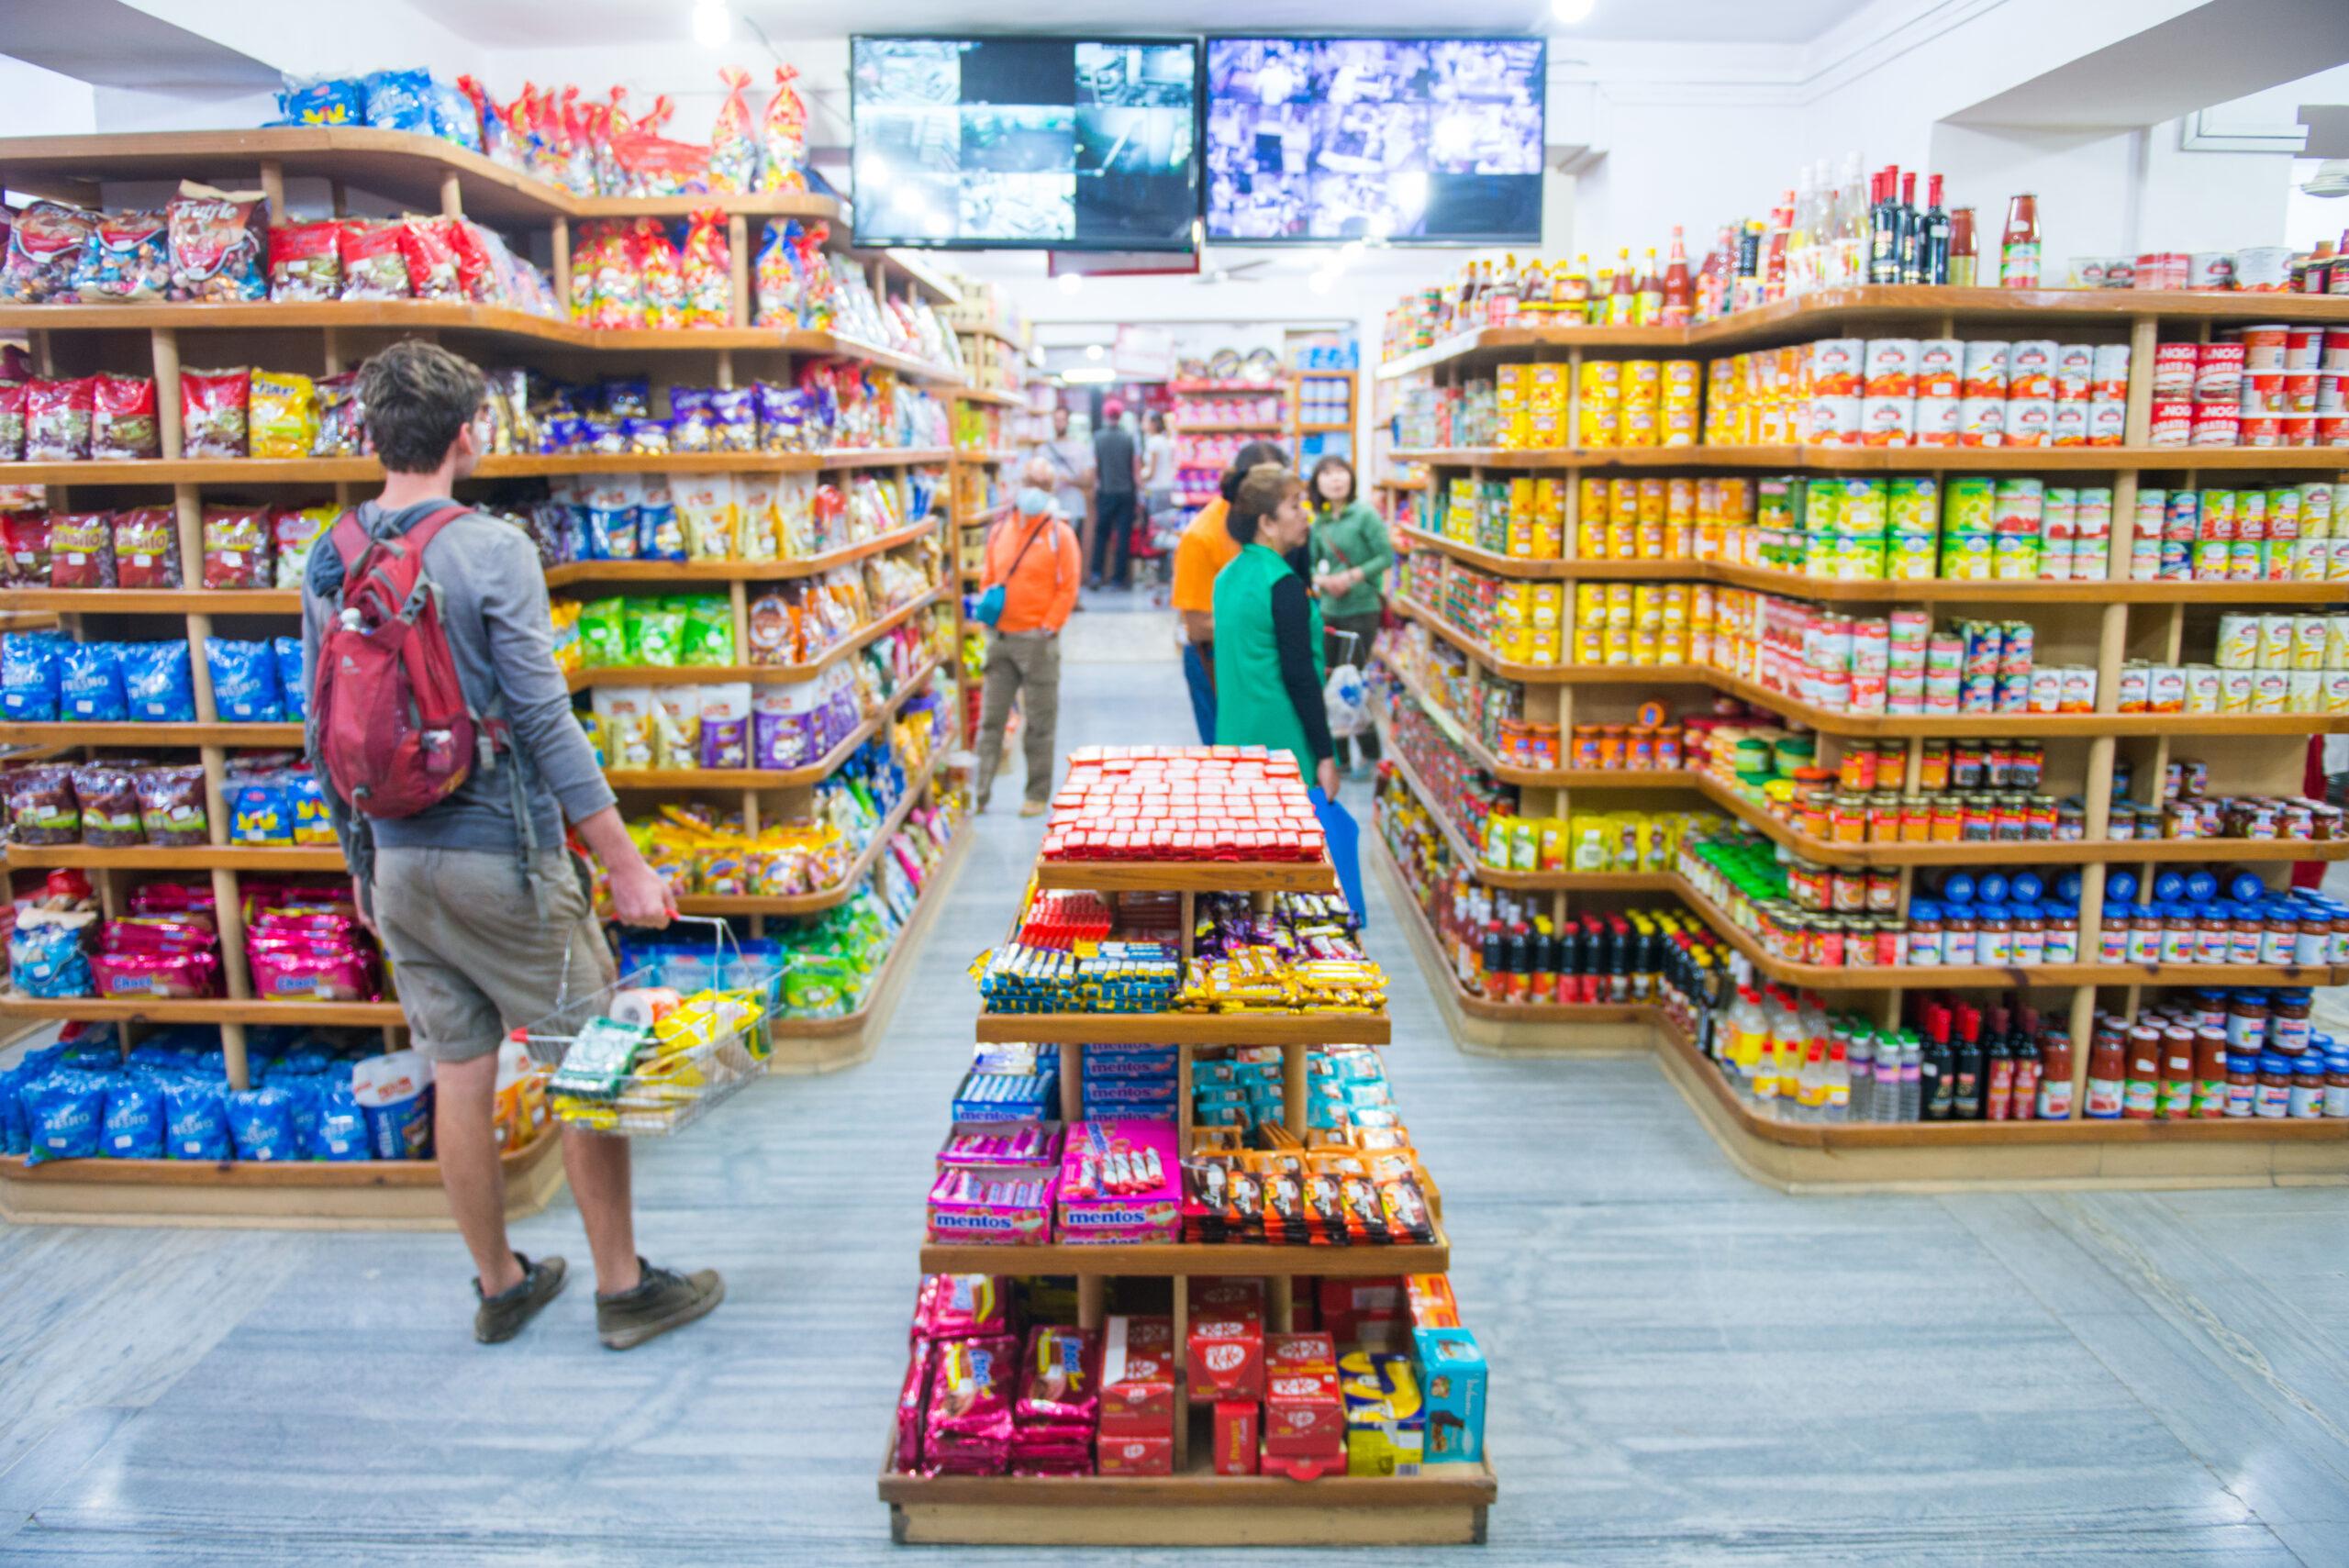 Produtos distribuídos em uma loja de conveniência